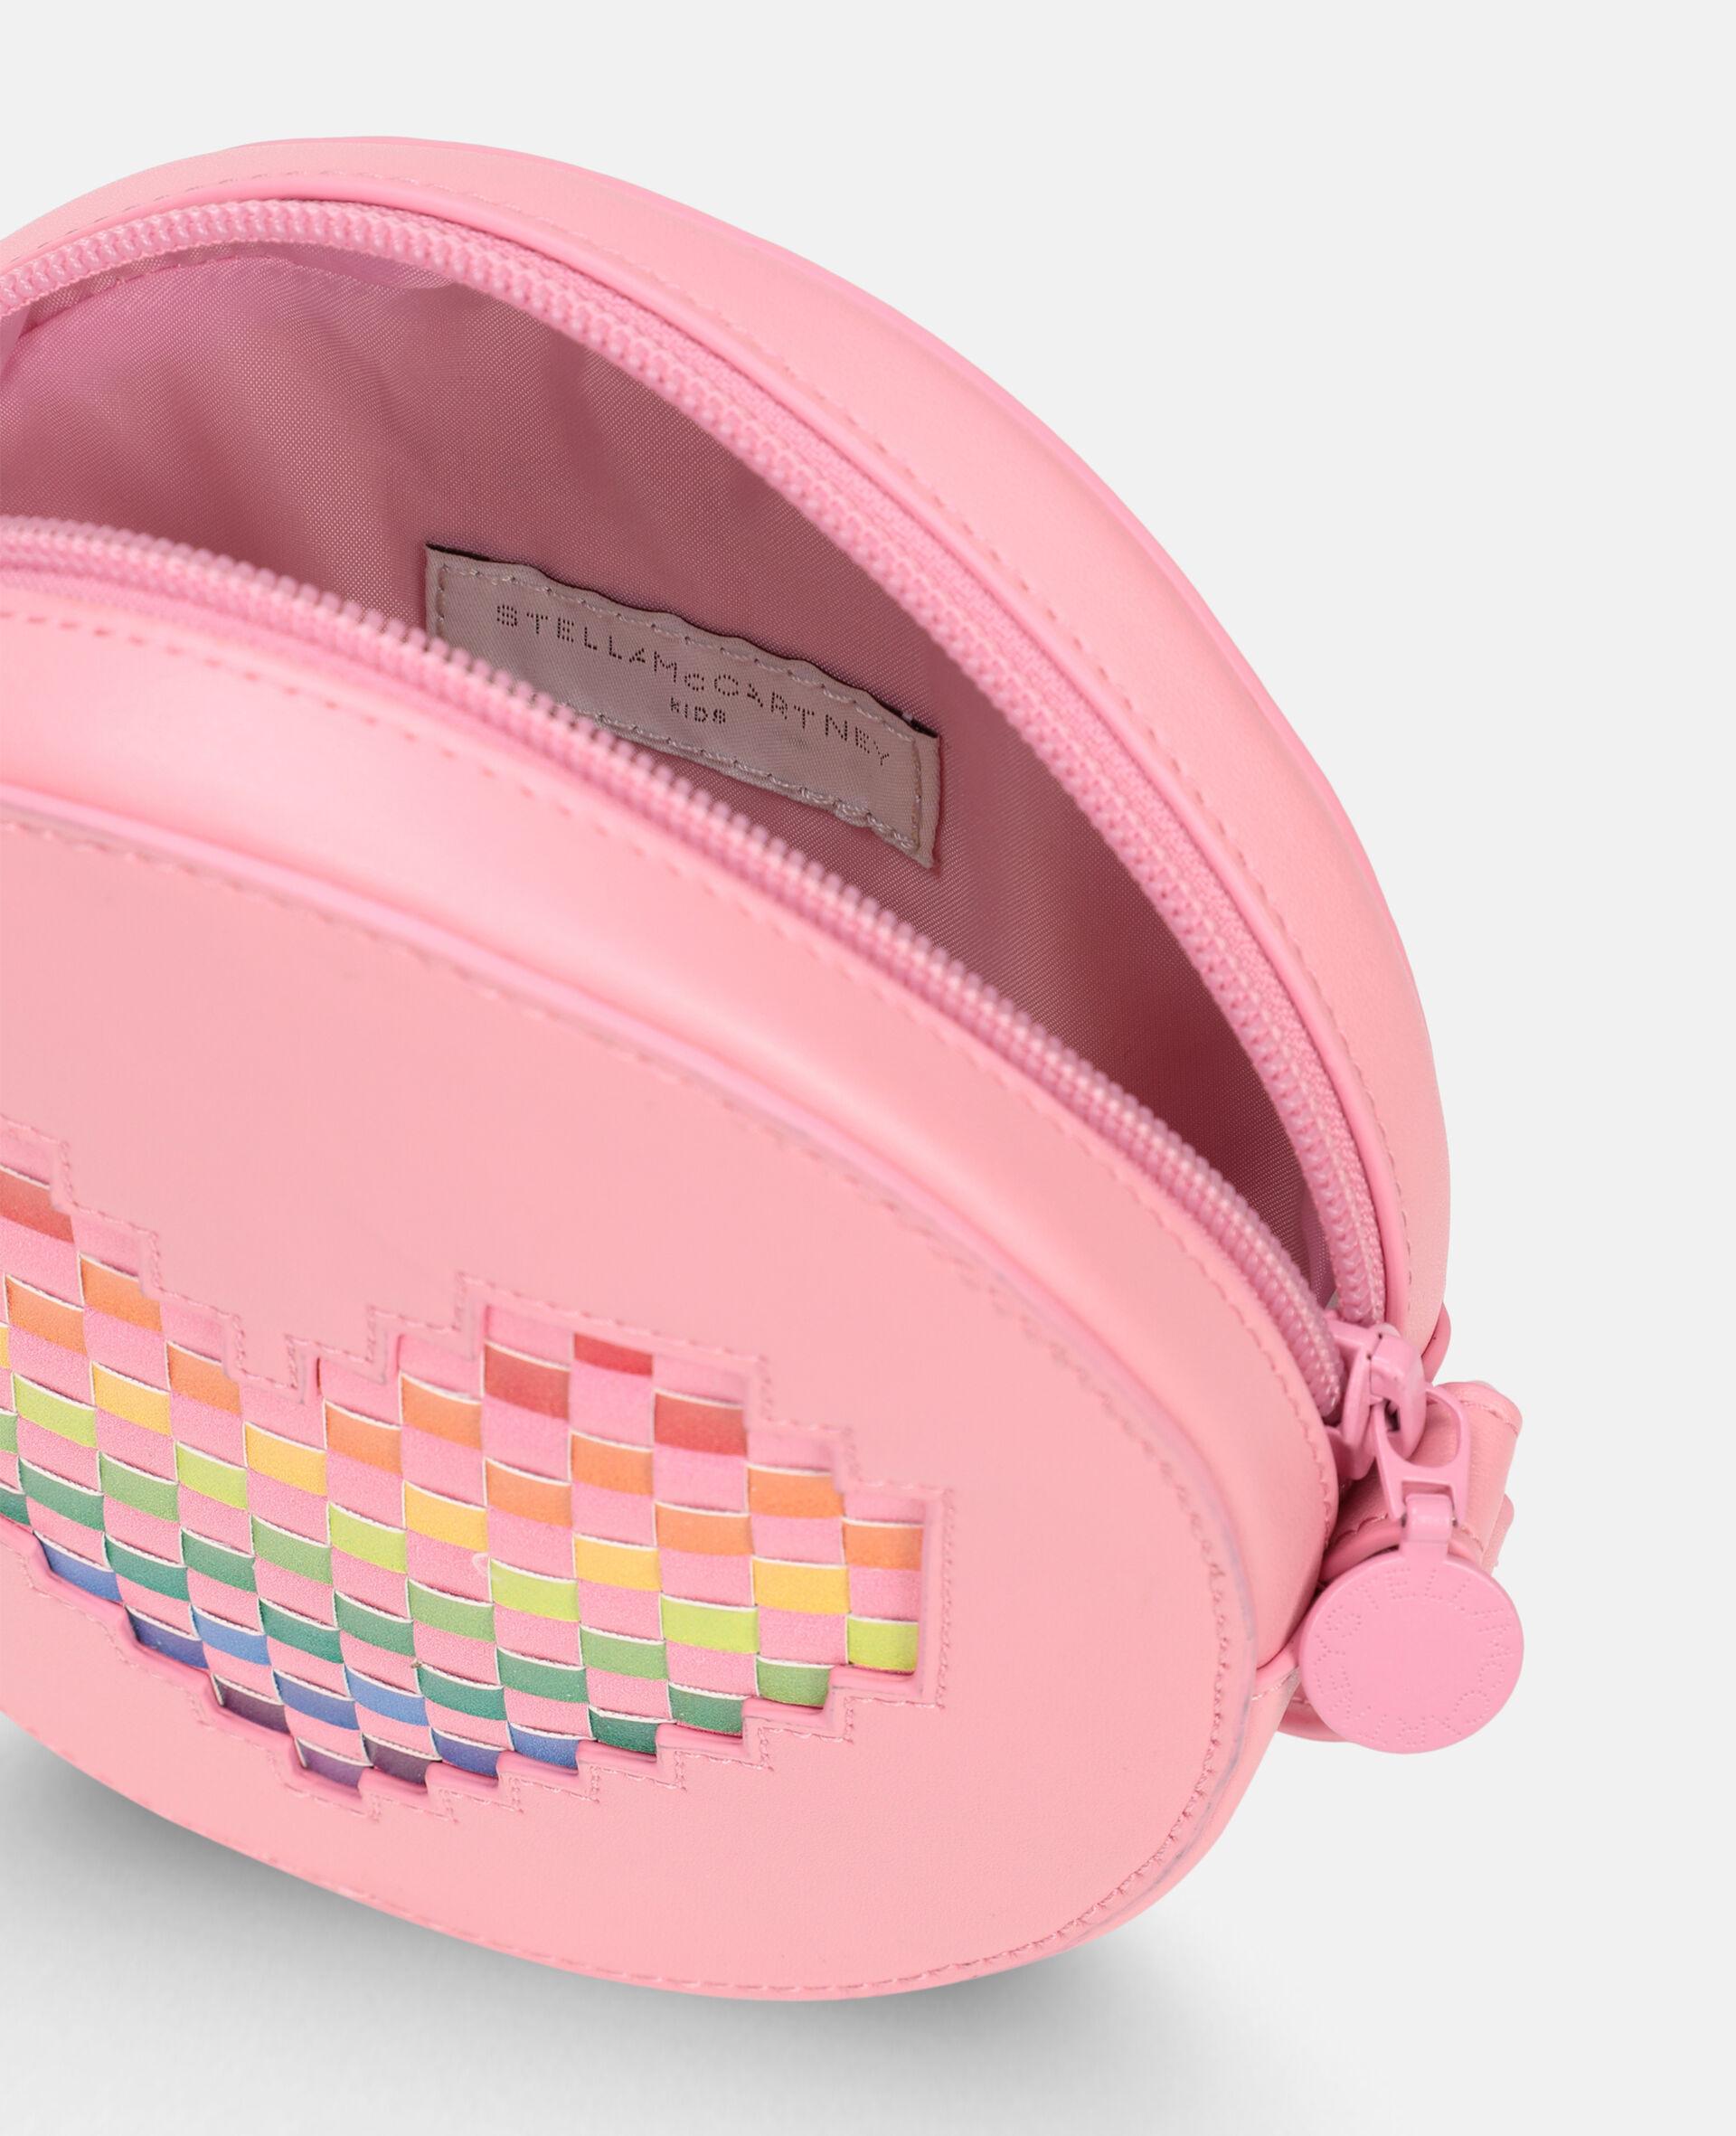 Heart Shoulder Bag -Pink-large image number 2